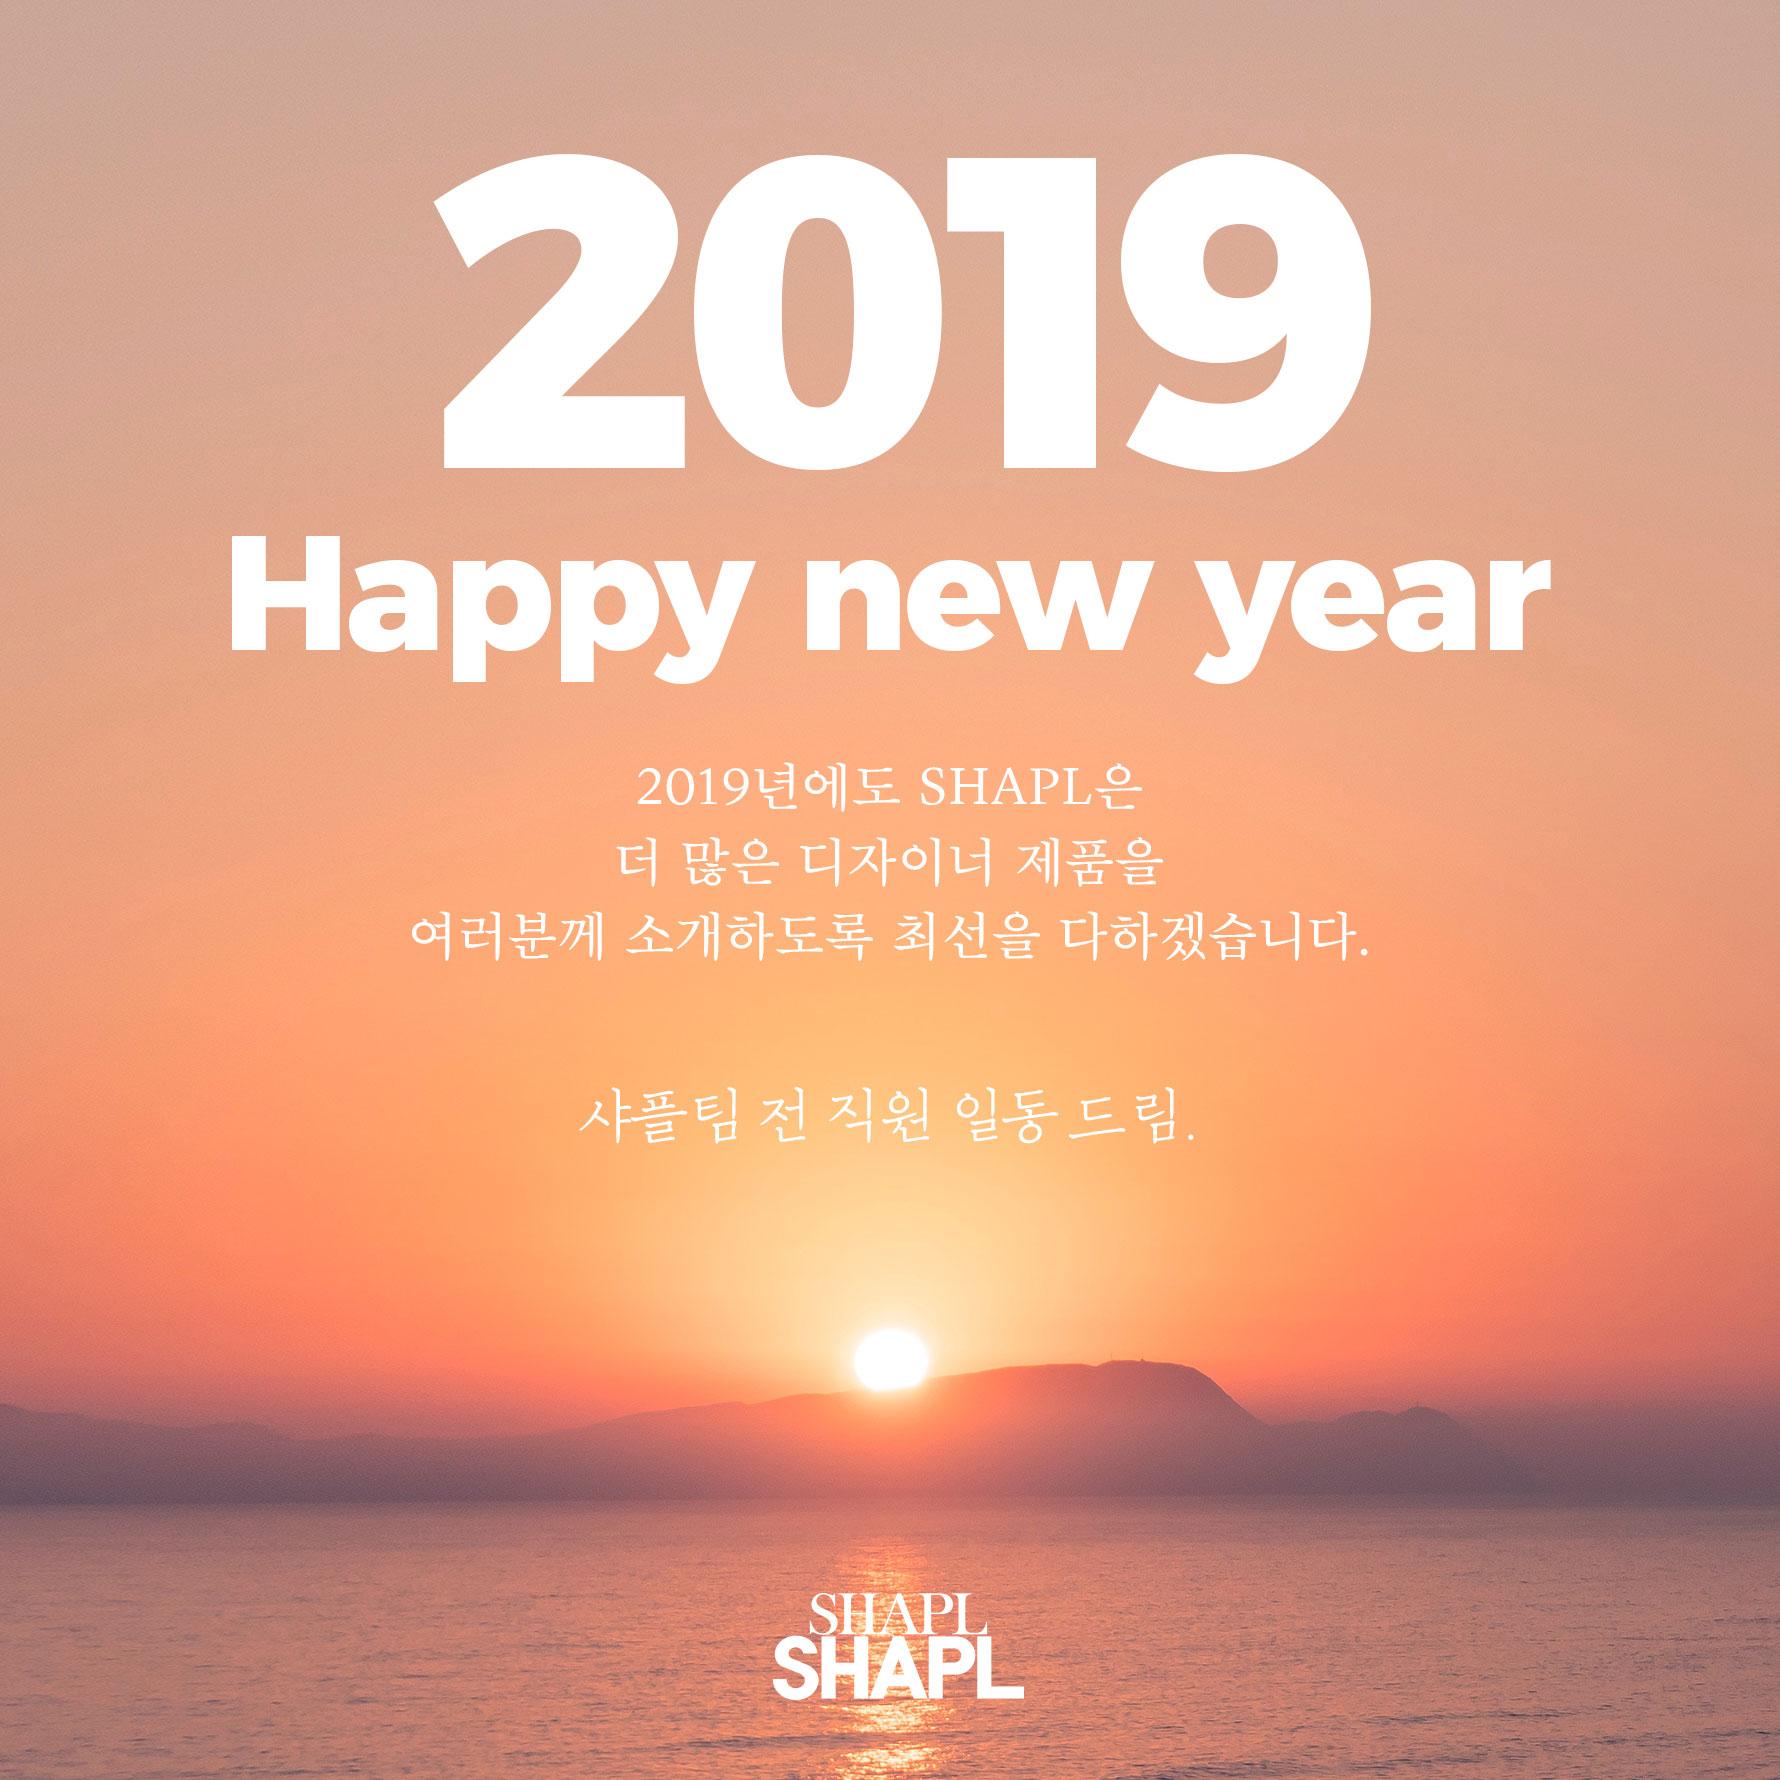 [공지] HAPPY NEW YEAR, 2019